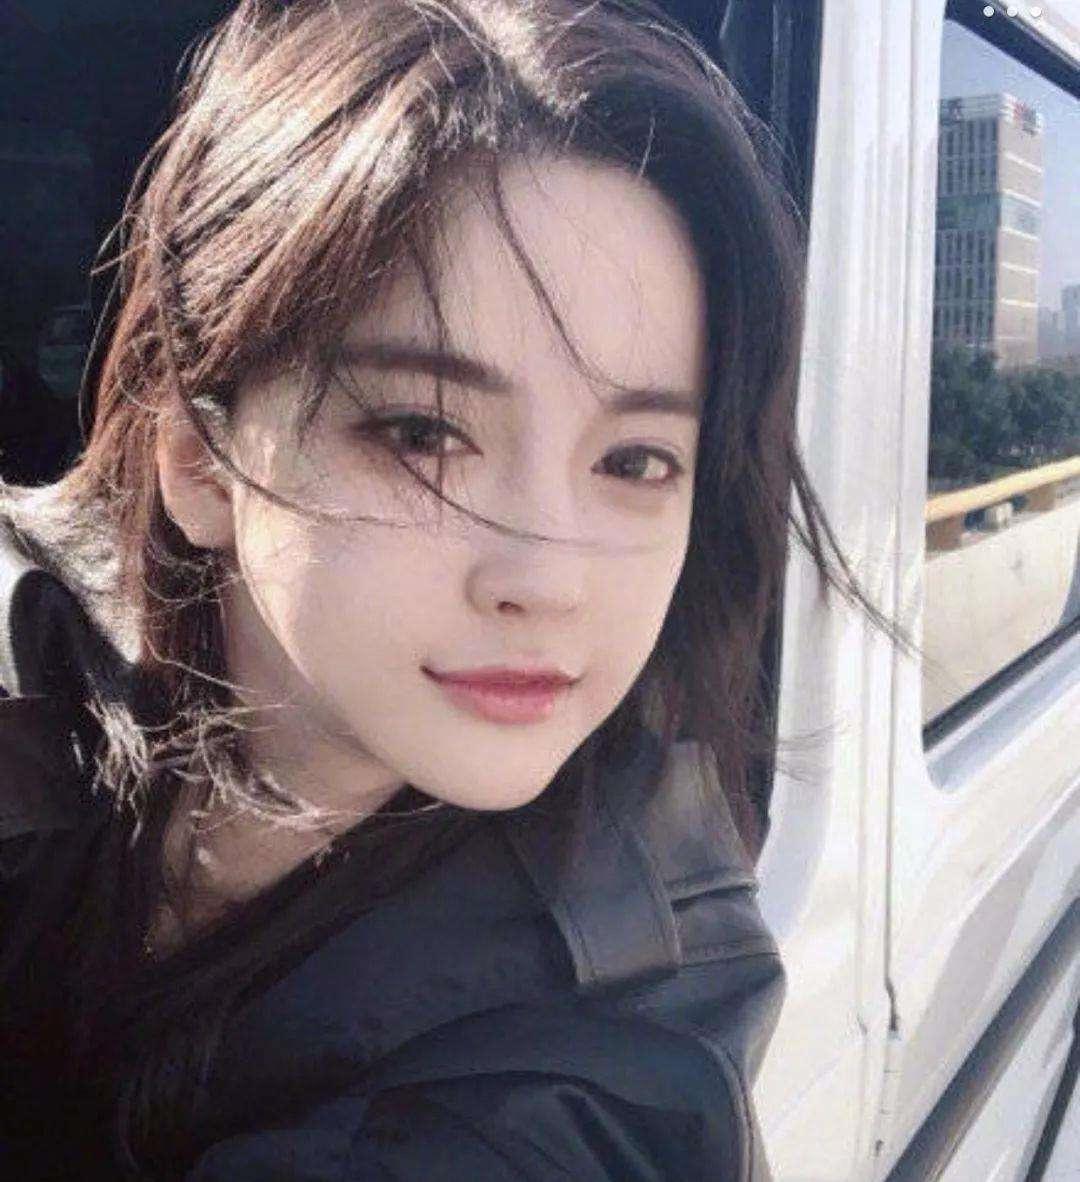 韩国网红潘南奎为什么在中国走红?潘南奎喜欢瞠目结舌中国吗